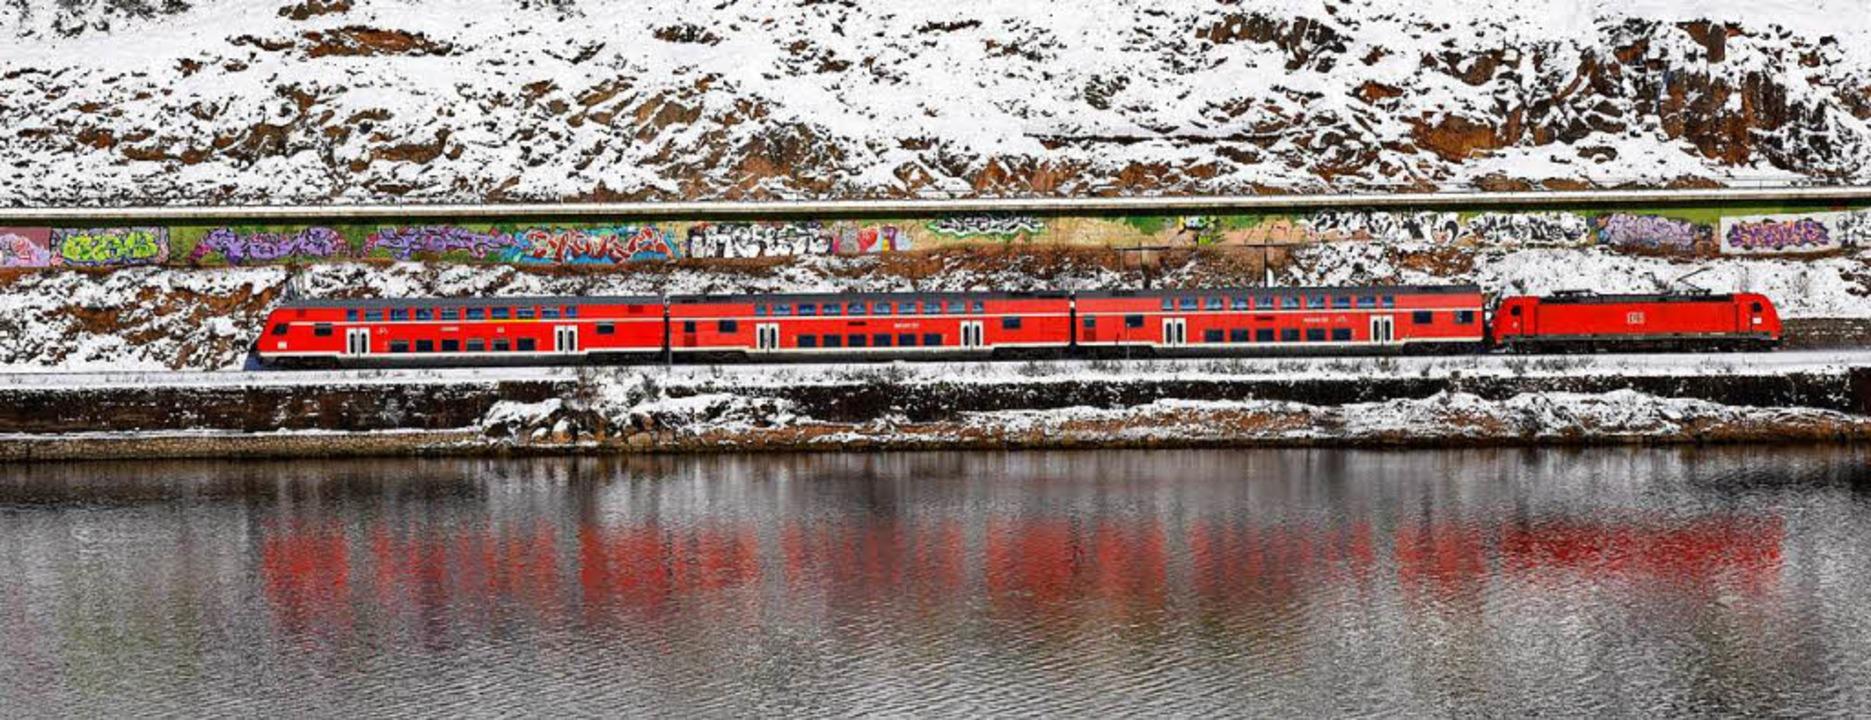 Die Dreiseenbahn zwischen Seebrugg und Titisee fährt am Sonntag wieder.  | Foto: Siegfried Gollrad